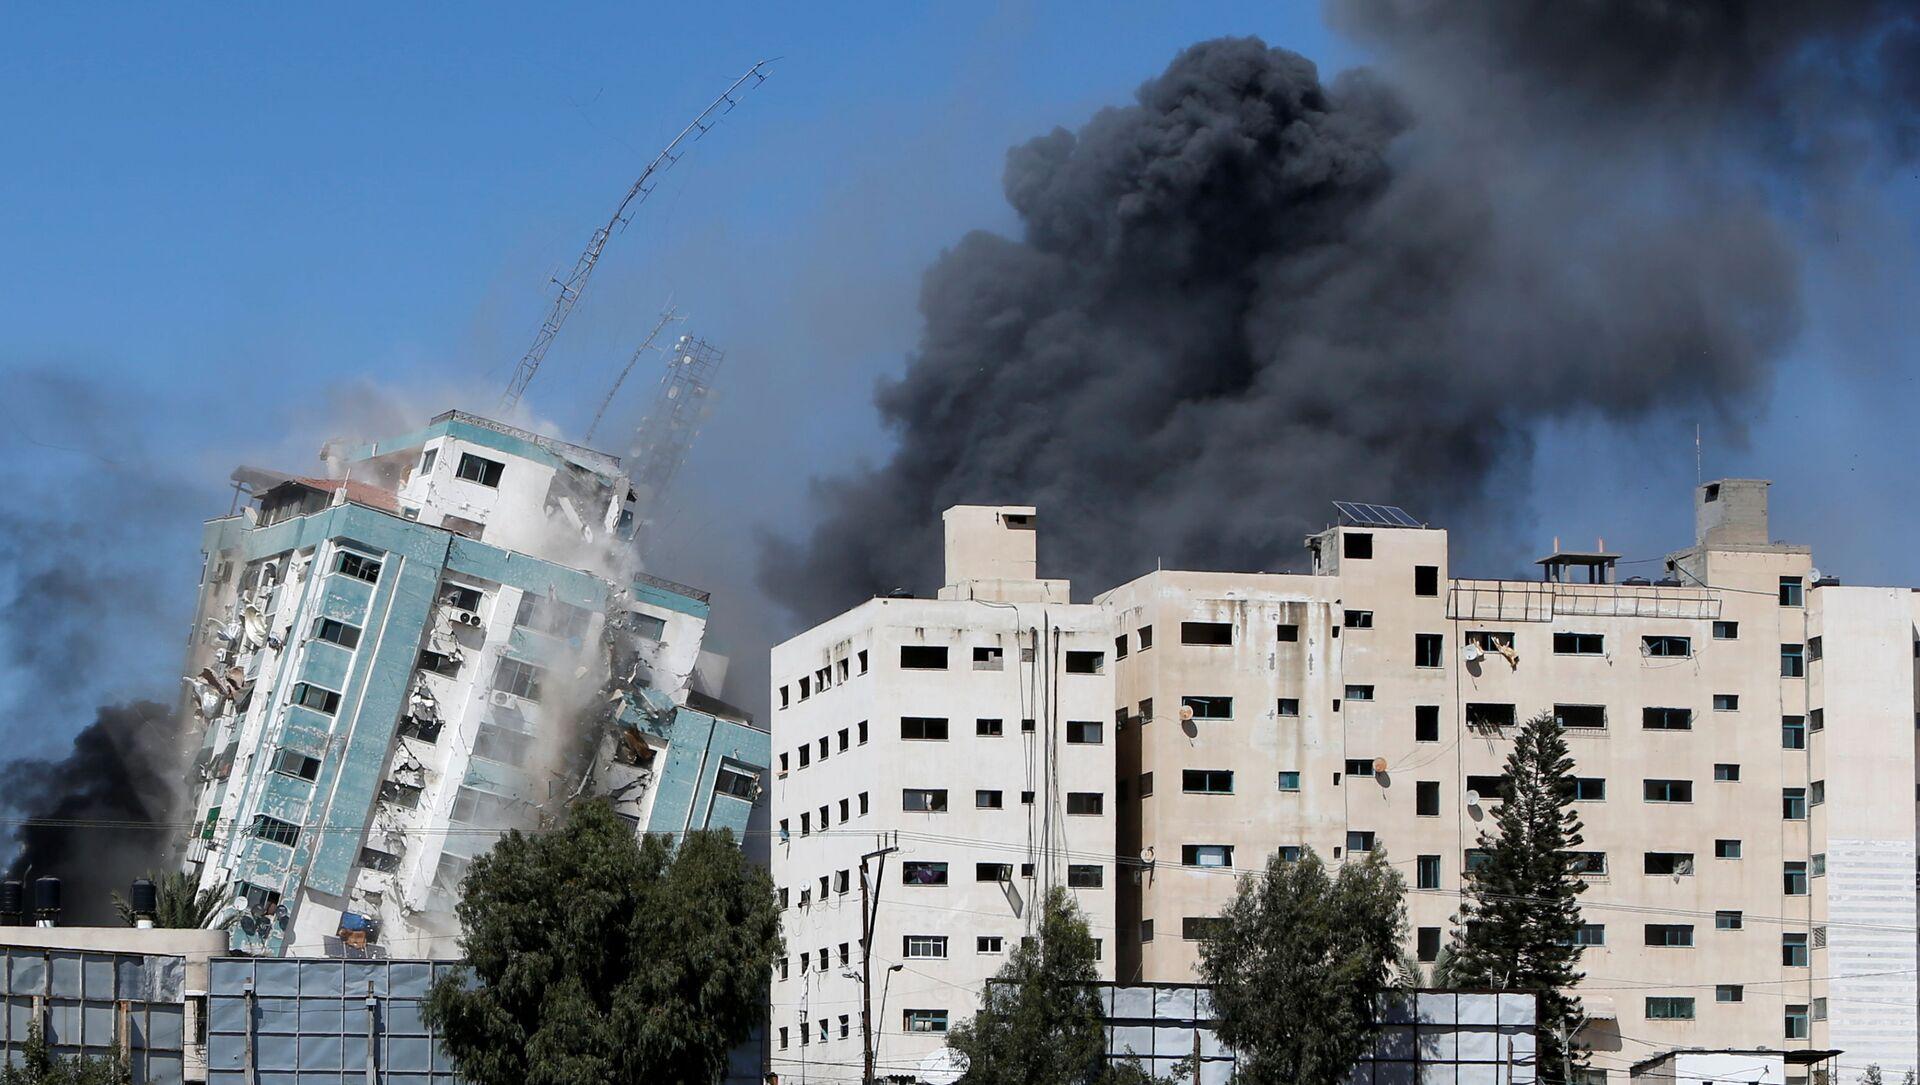 Izrael zbombardował siedzibę AP i innych mediów w Gazie - Sputnik Polska, 1920, 17.05.2021